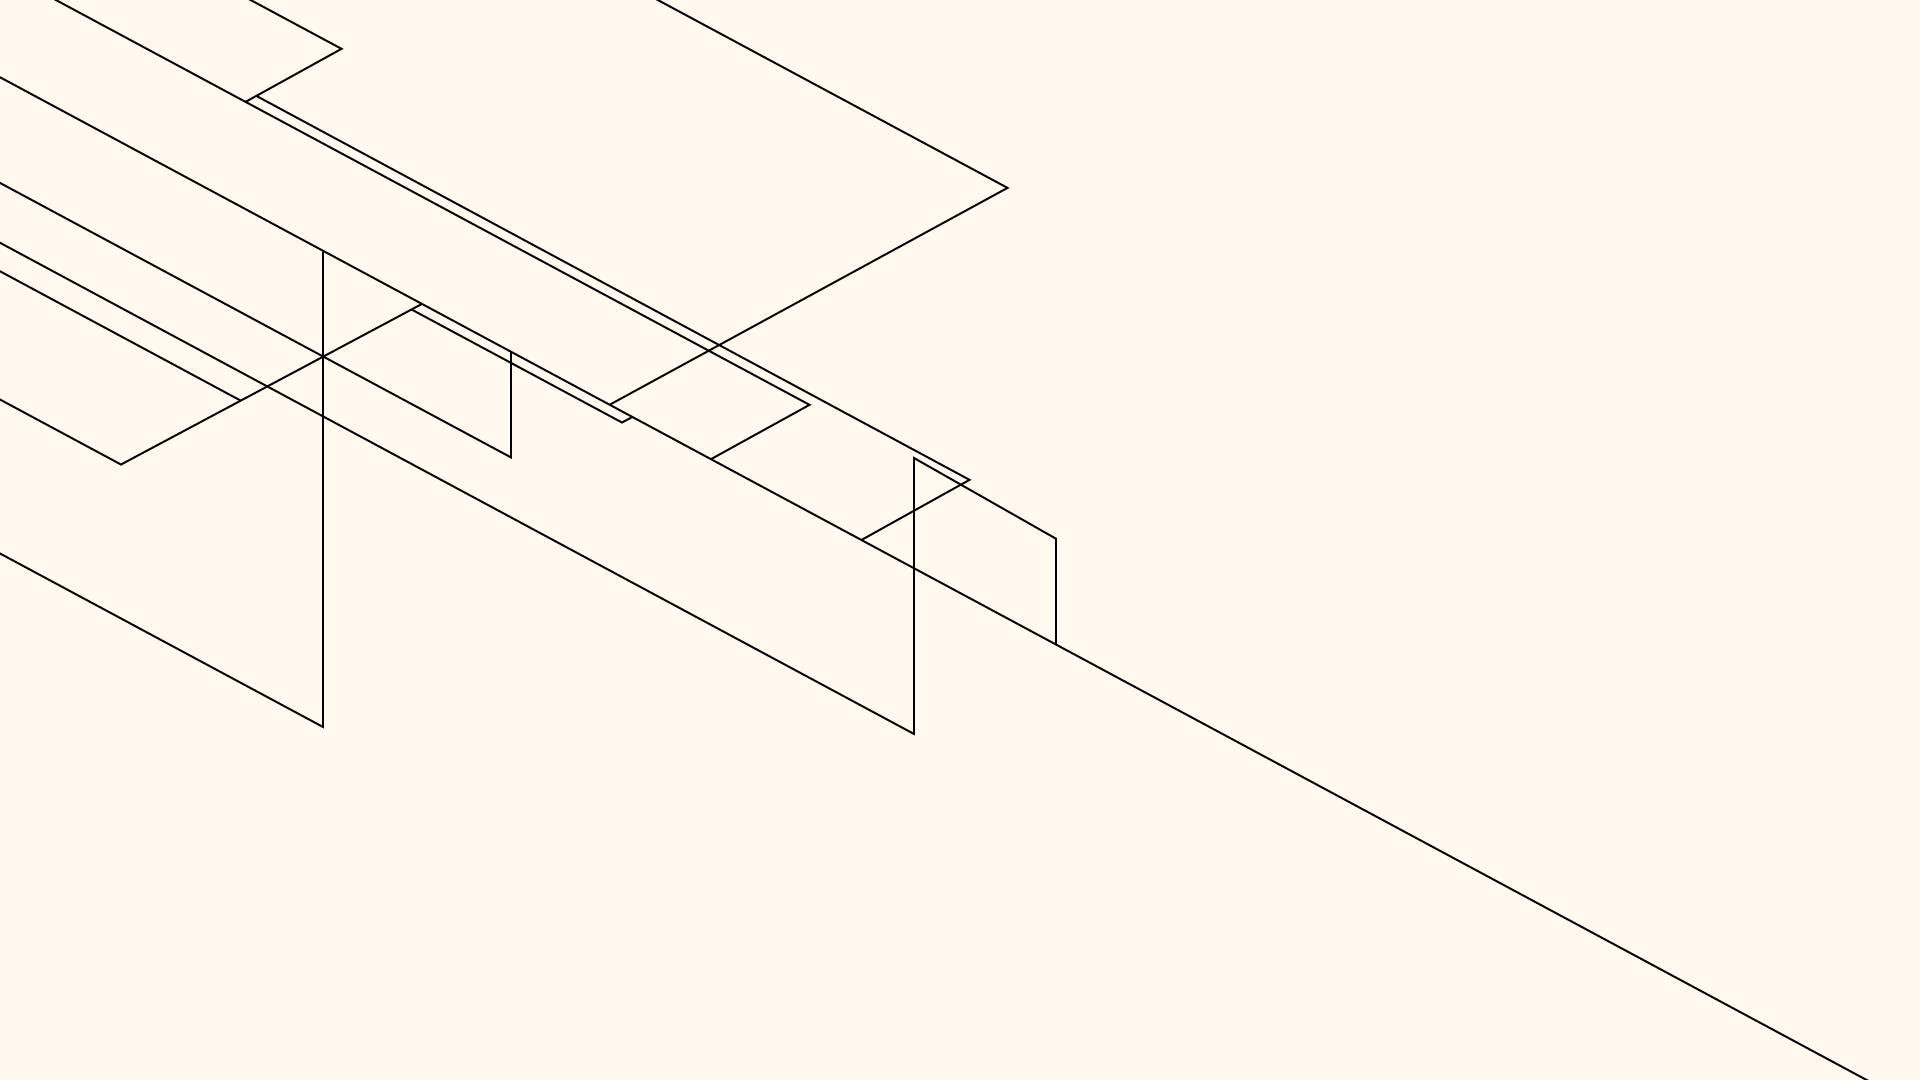 SDDC_concept_V05-13.png